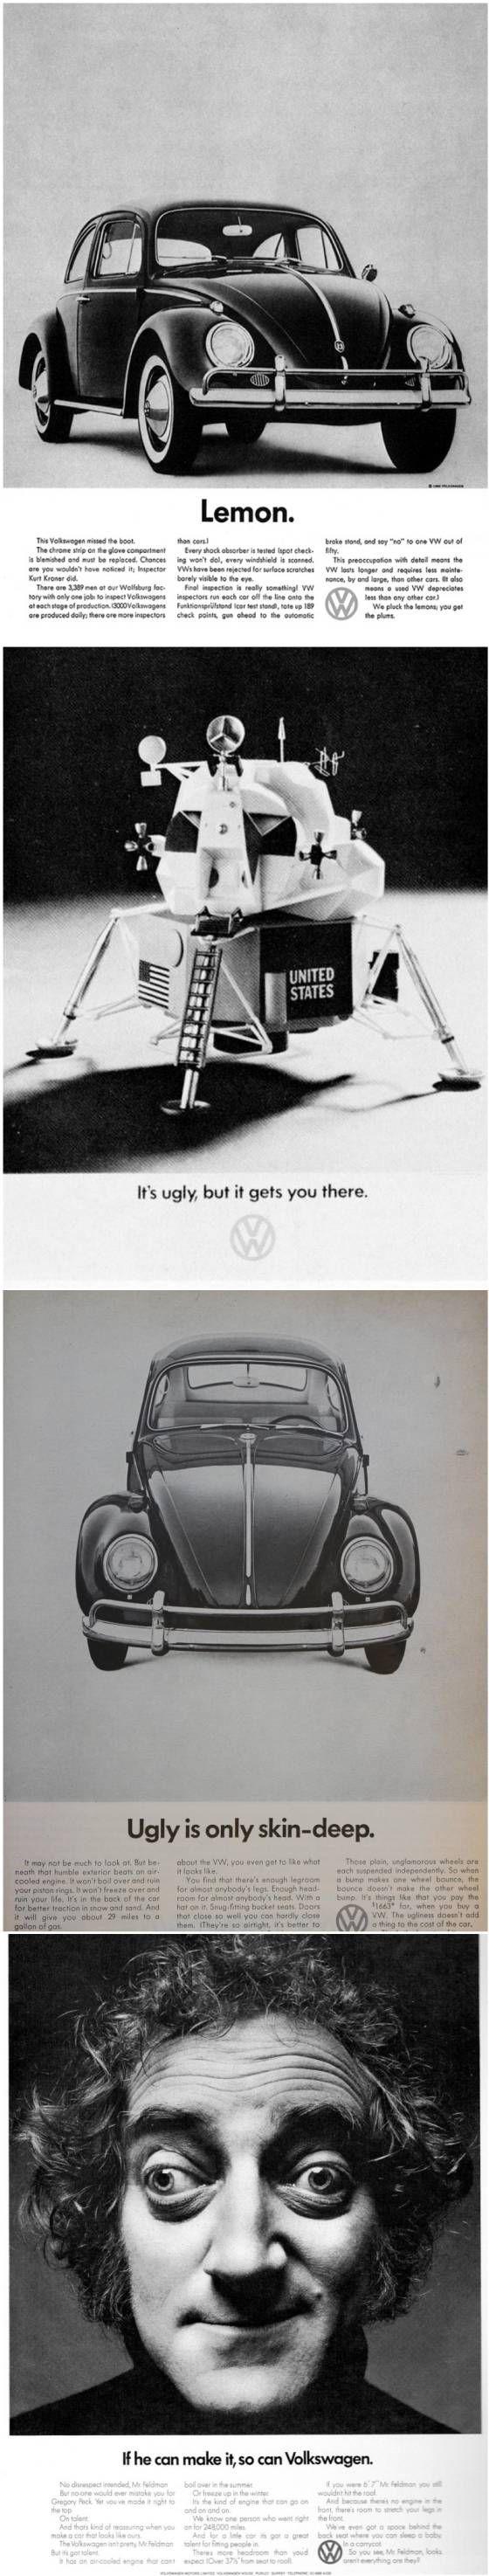 Es feo, pequeño, caro... Cuando la publicidad vende defectos | Verne EL PAÍS